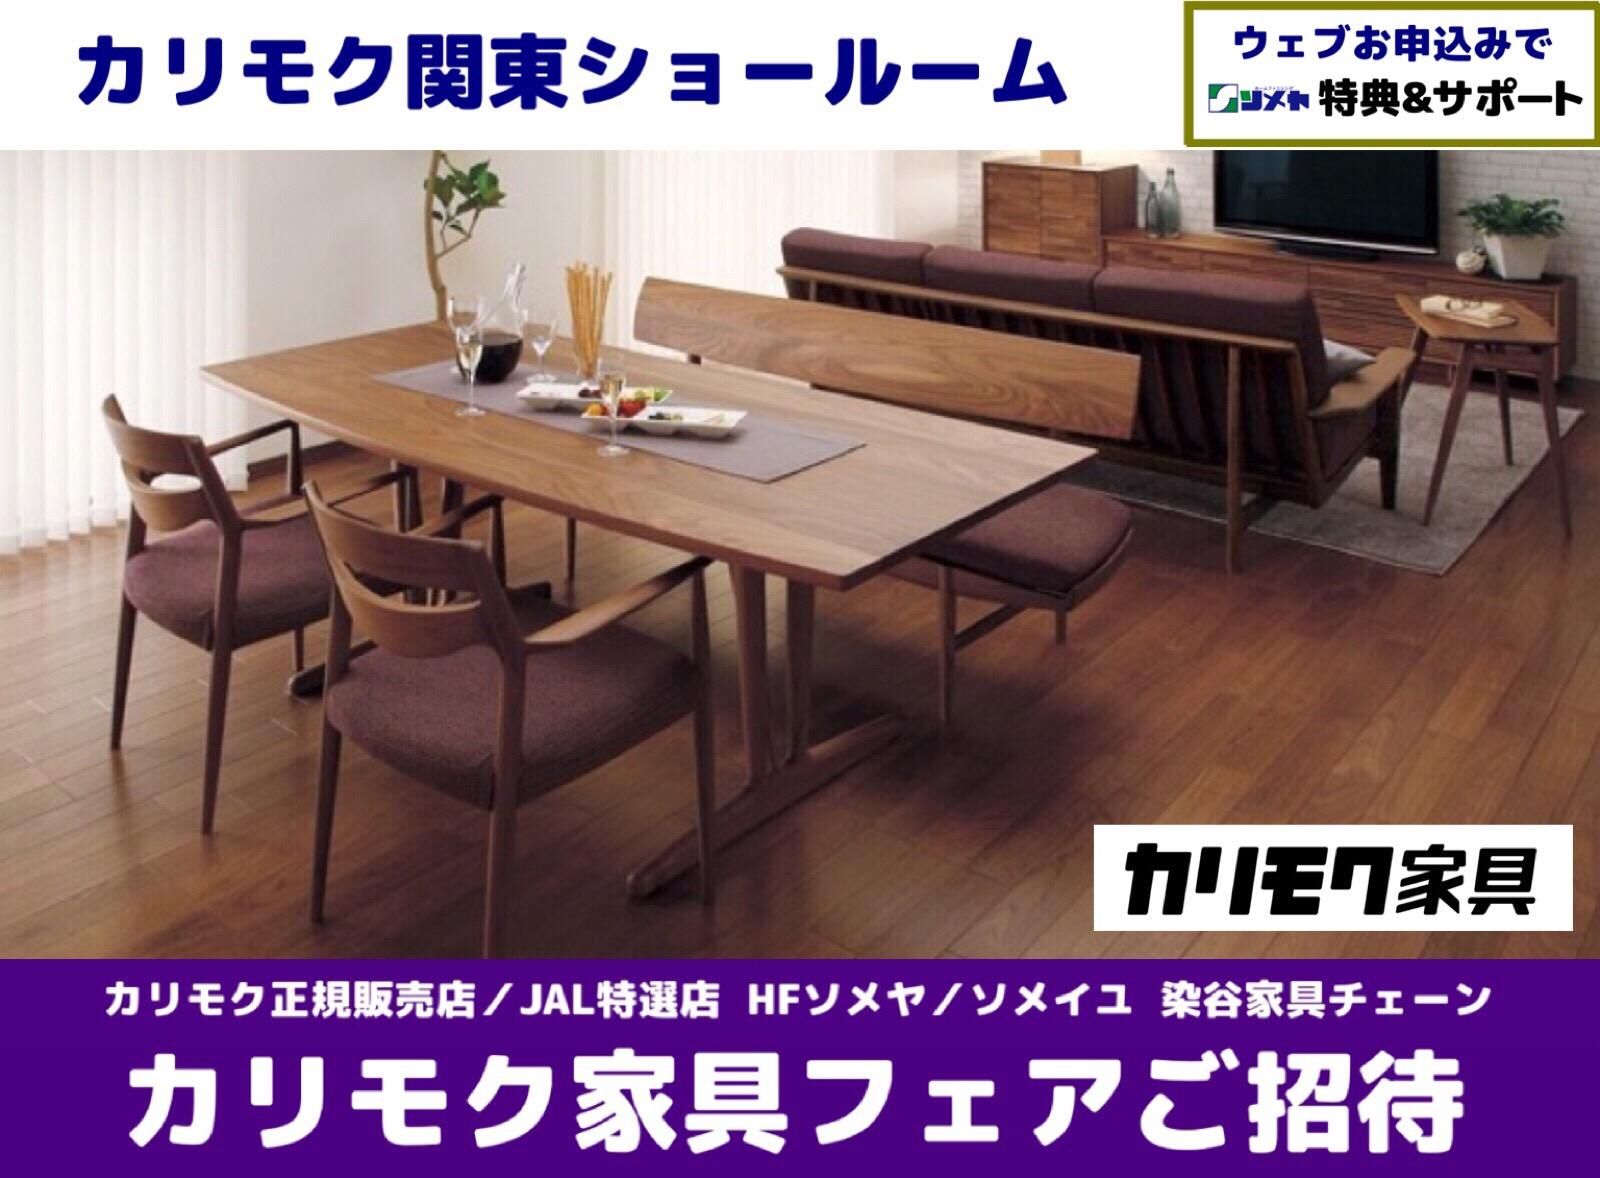 カリモク家具関東イベントご案内